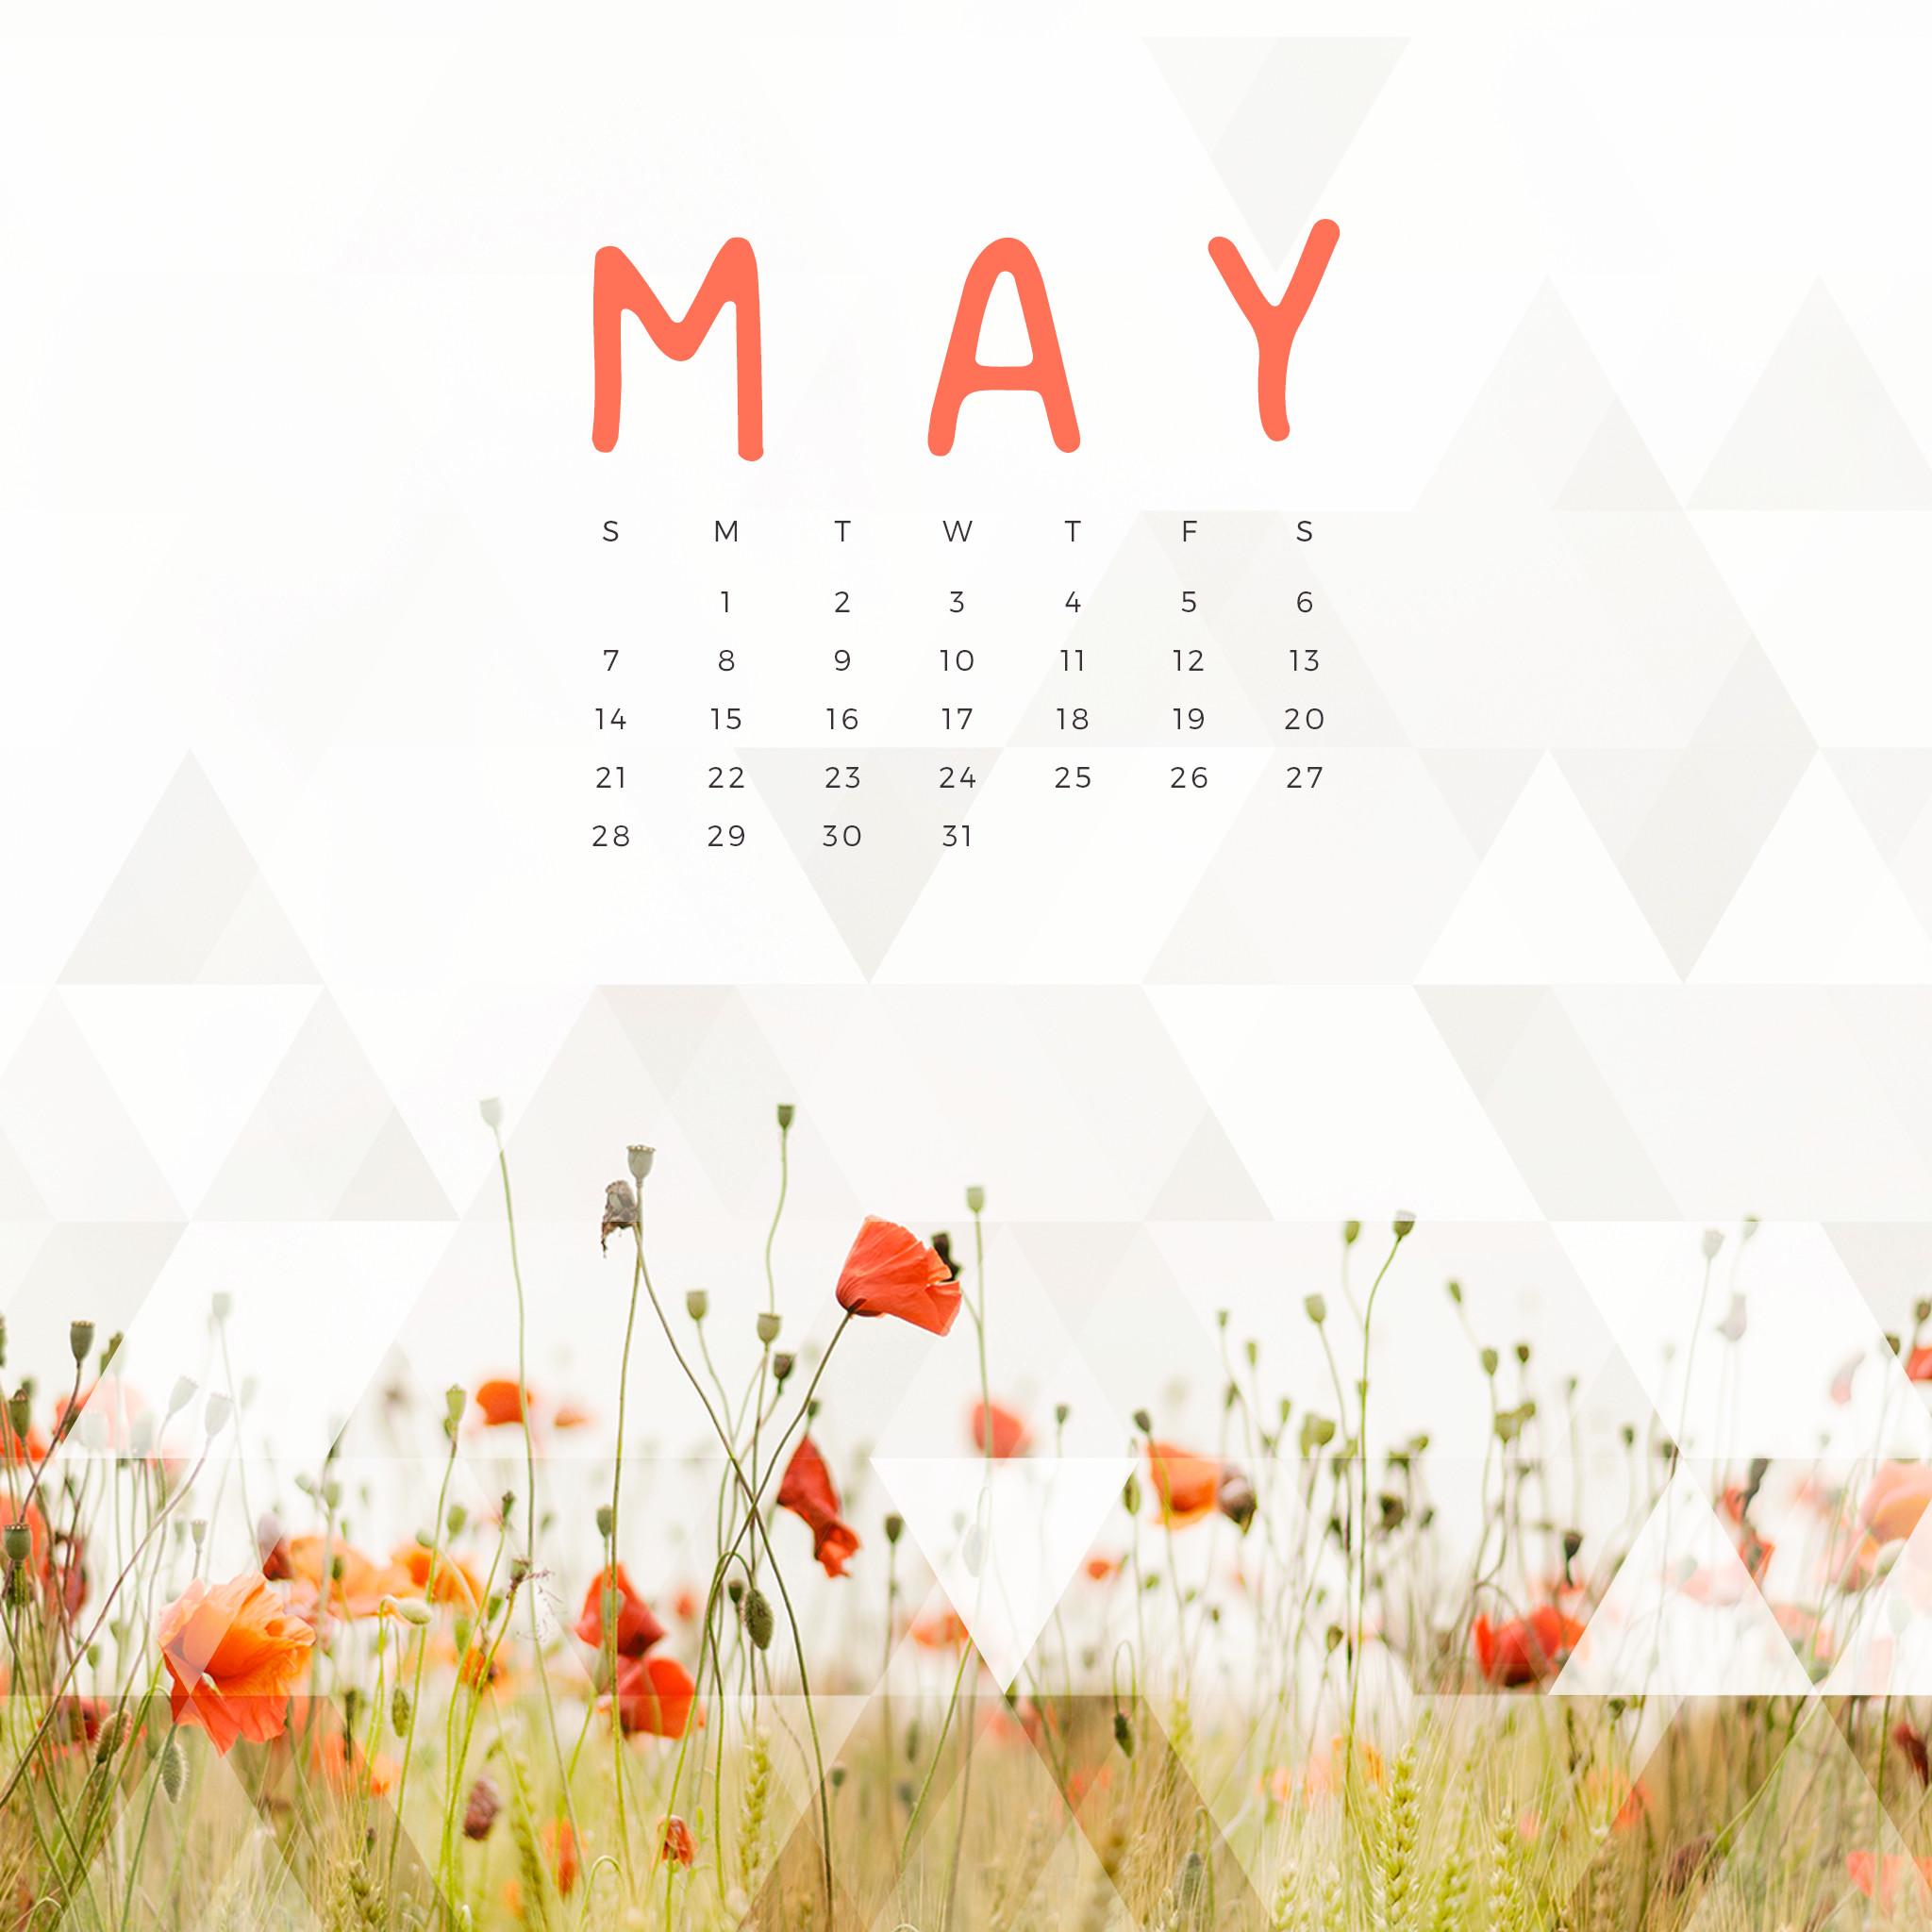 Calendar May 2018 Tumblr : May wallpaper calendar for iphone desktop facebook tumblr